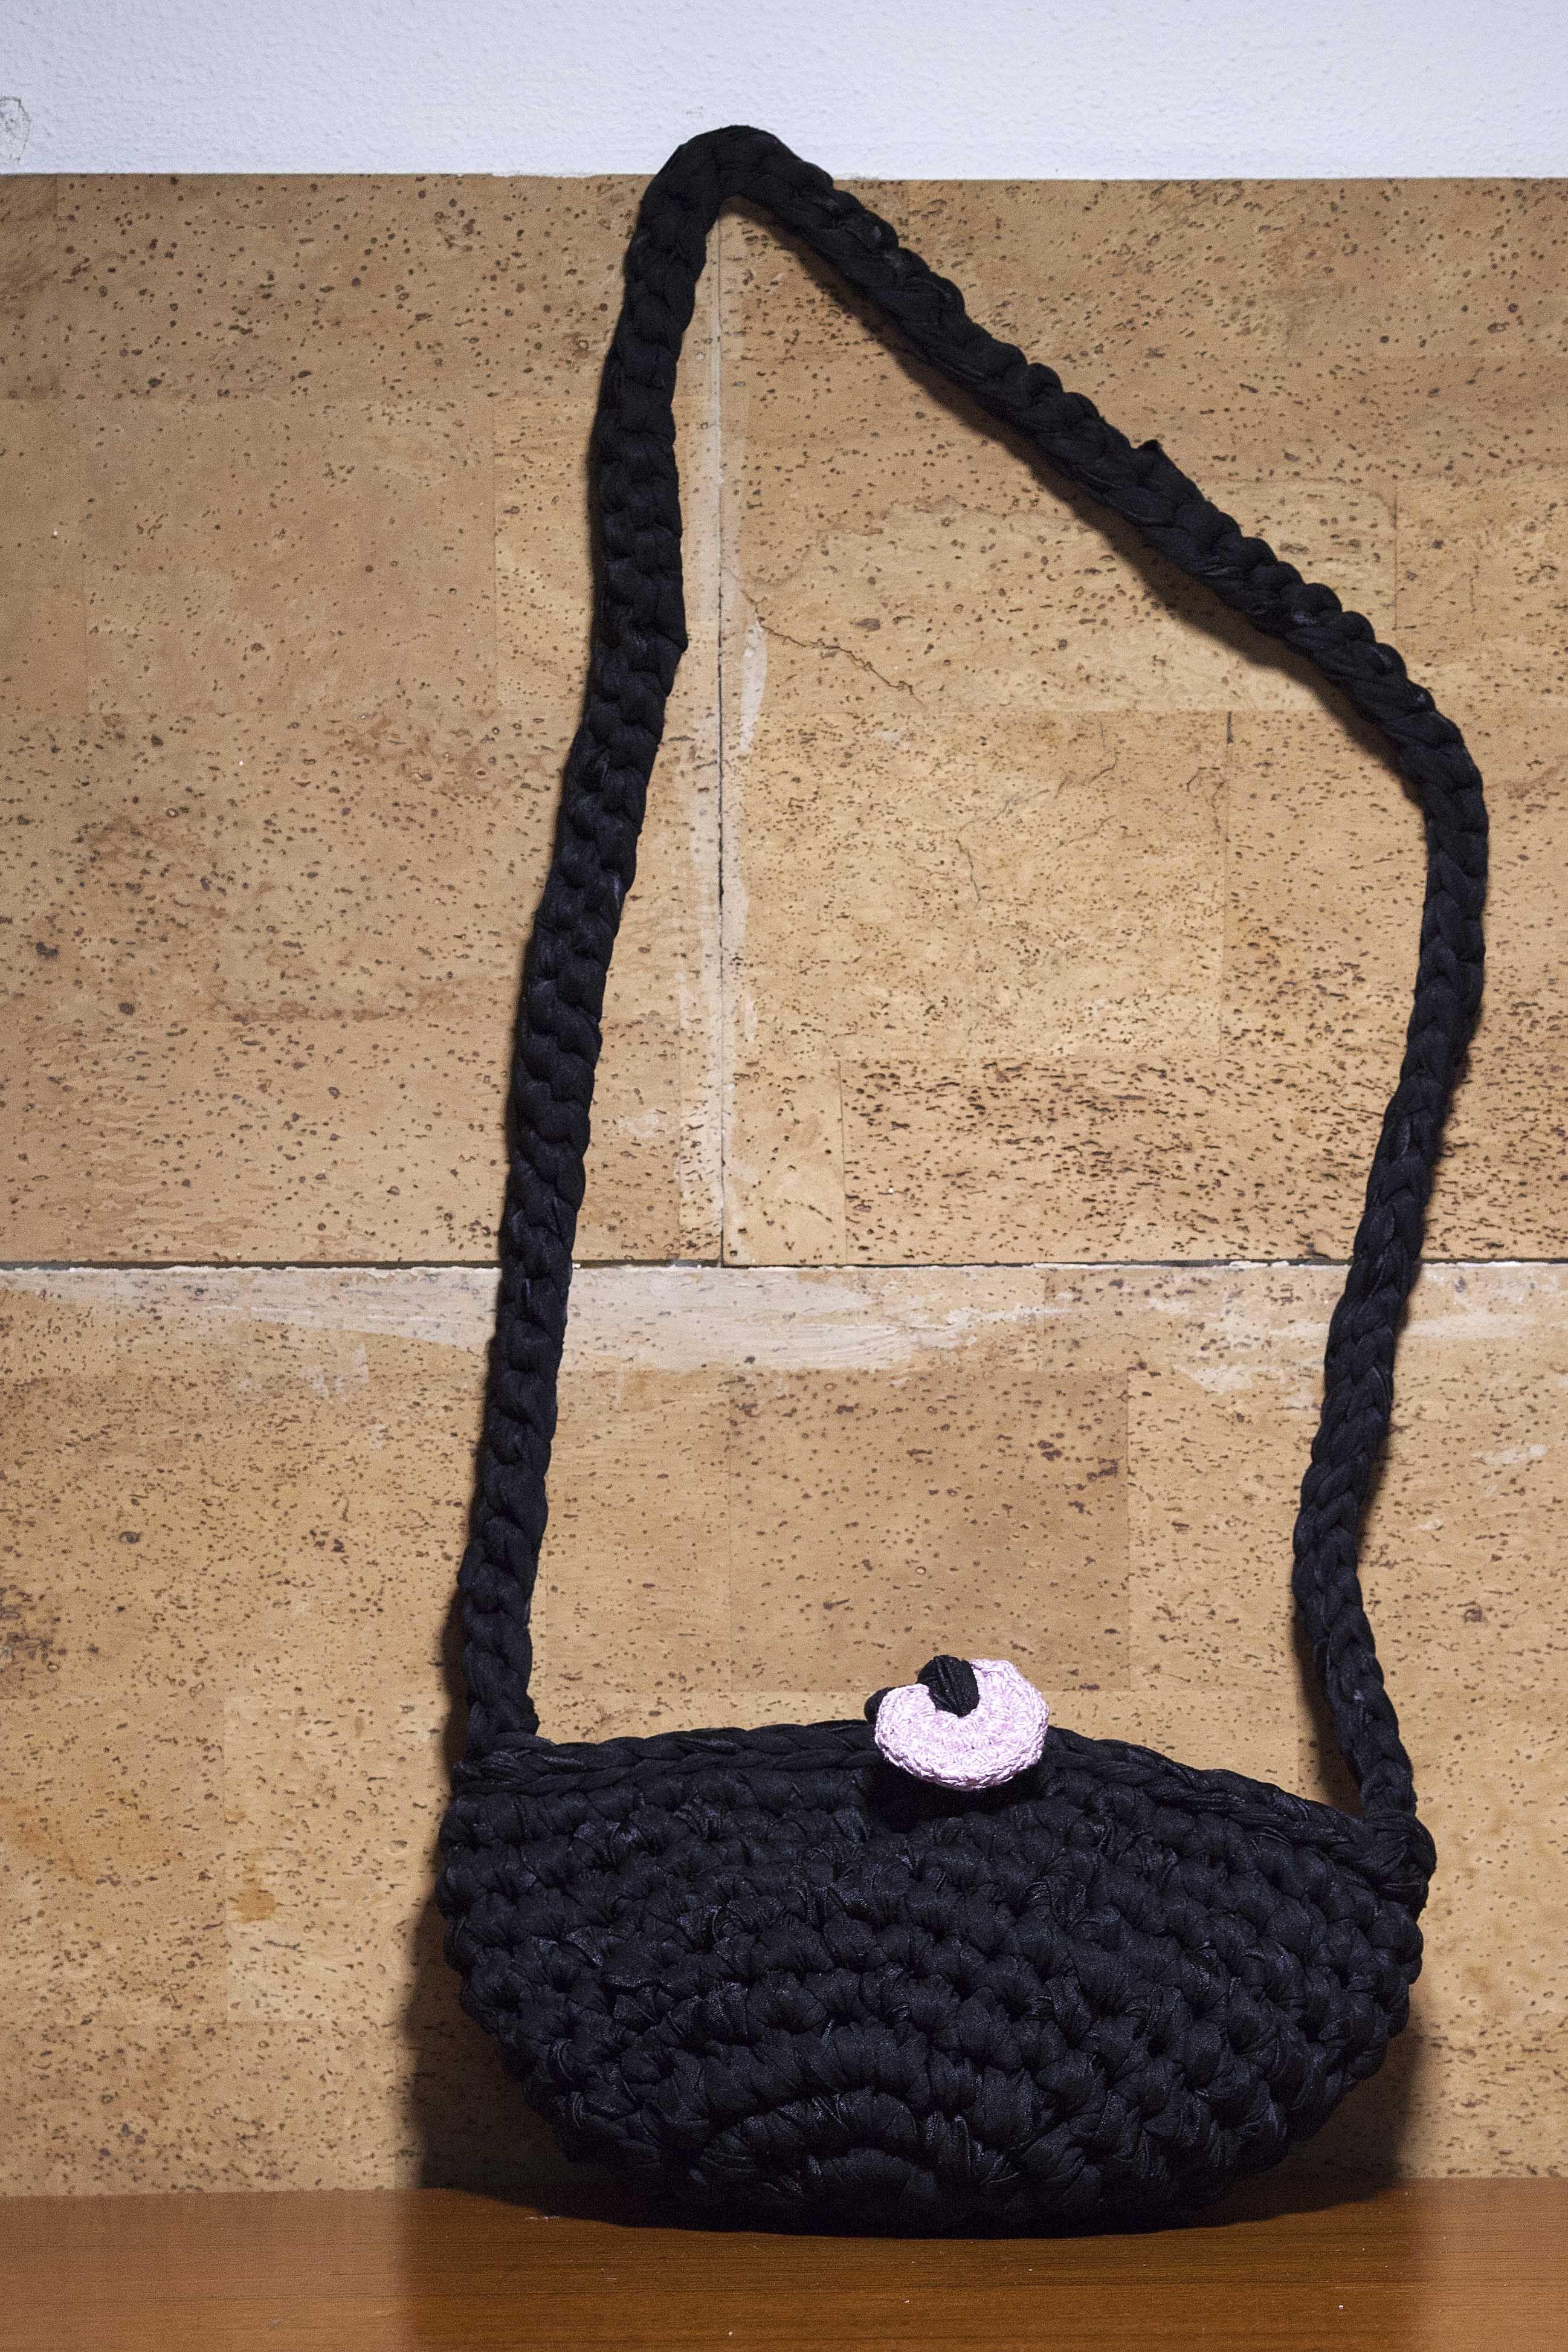 Borse Alluncinetto Con Cotone : Borsetta a tracolla realizzata all uncinetto con fettuccia